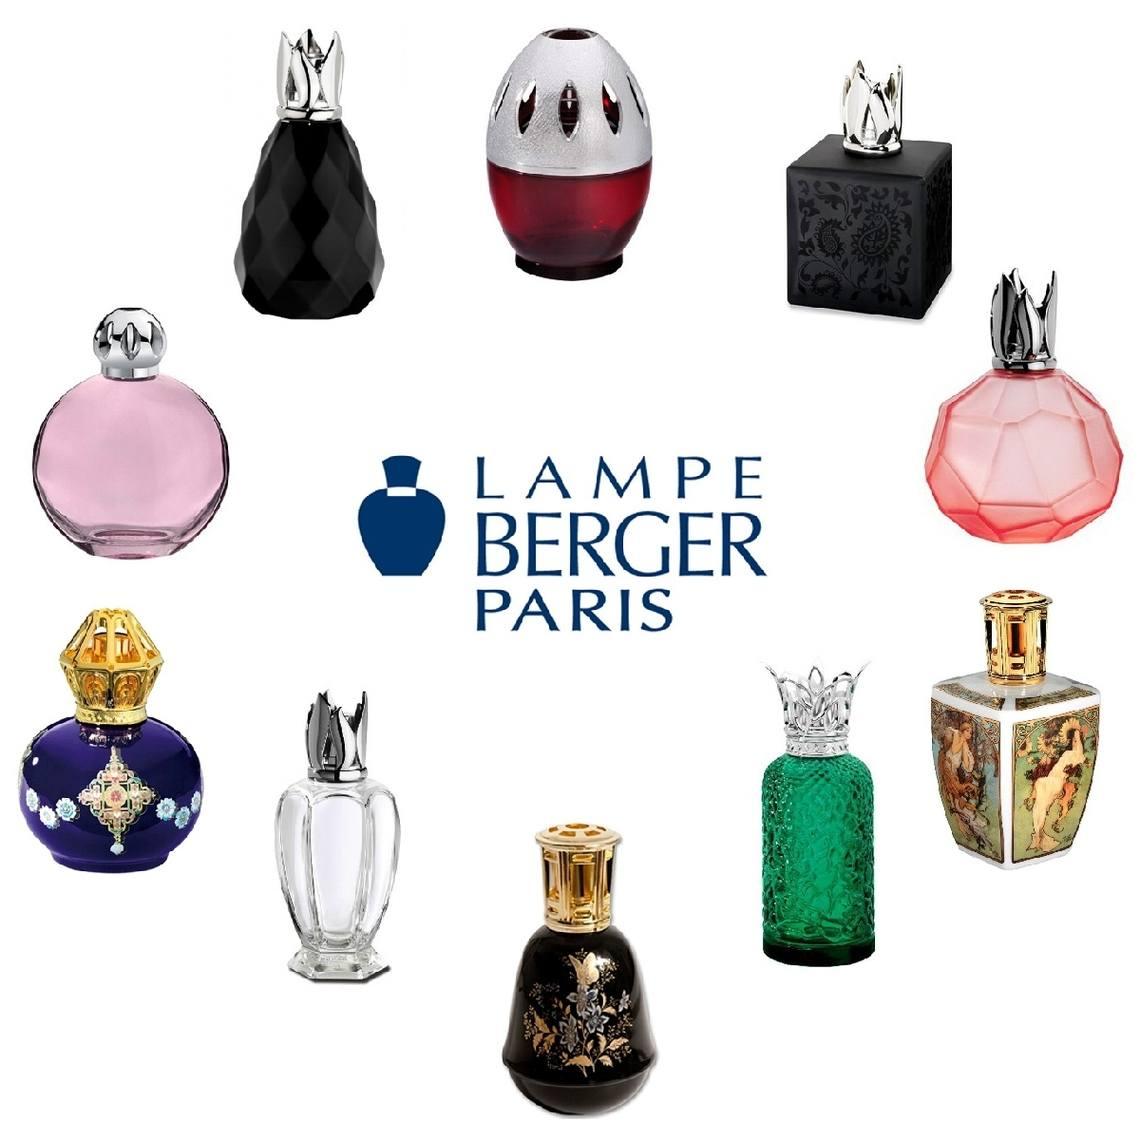 Lampe Berger voor elk huishouden